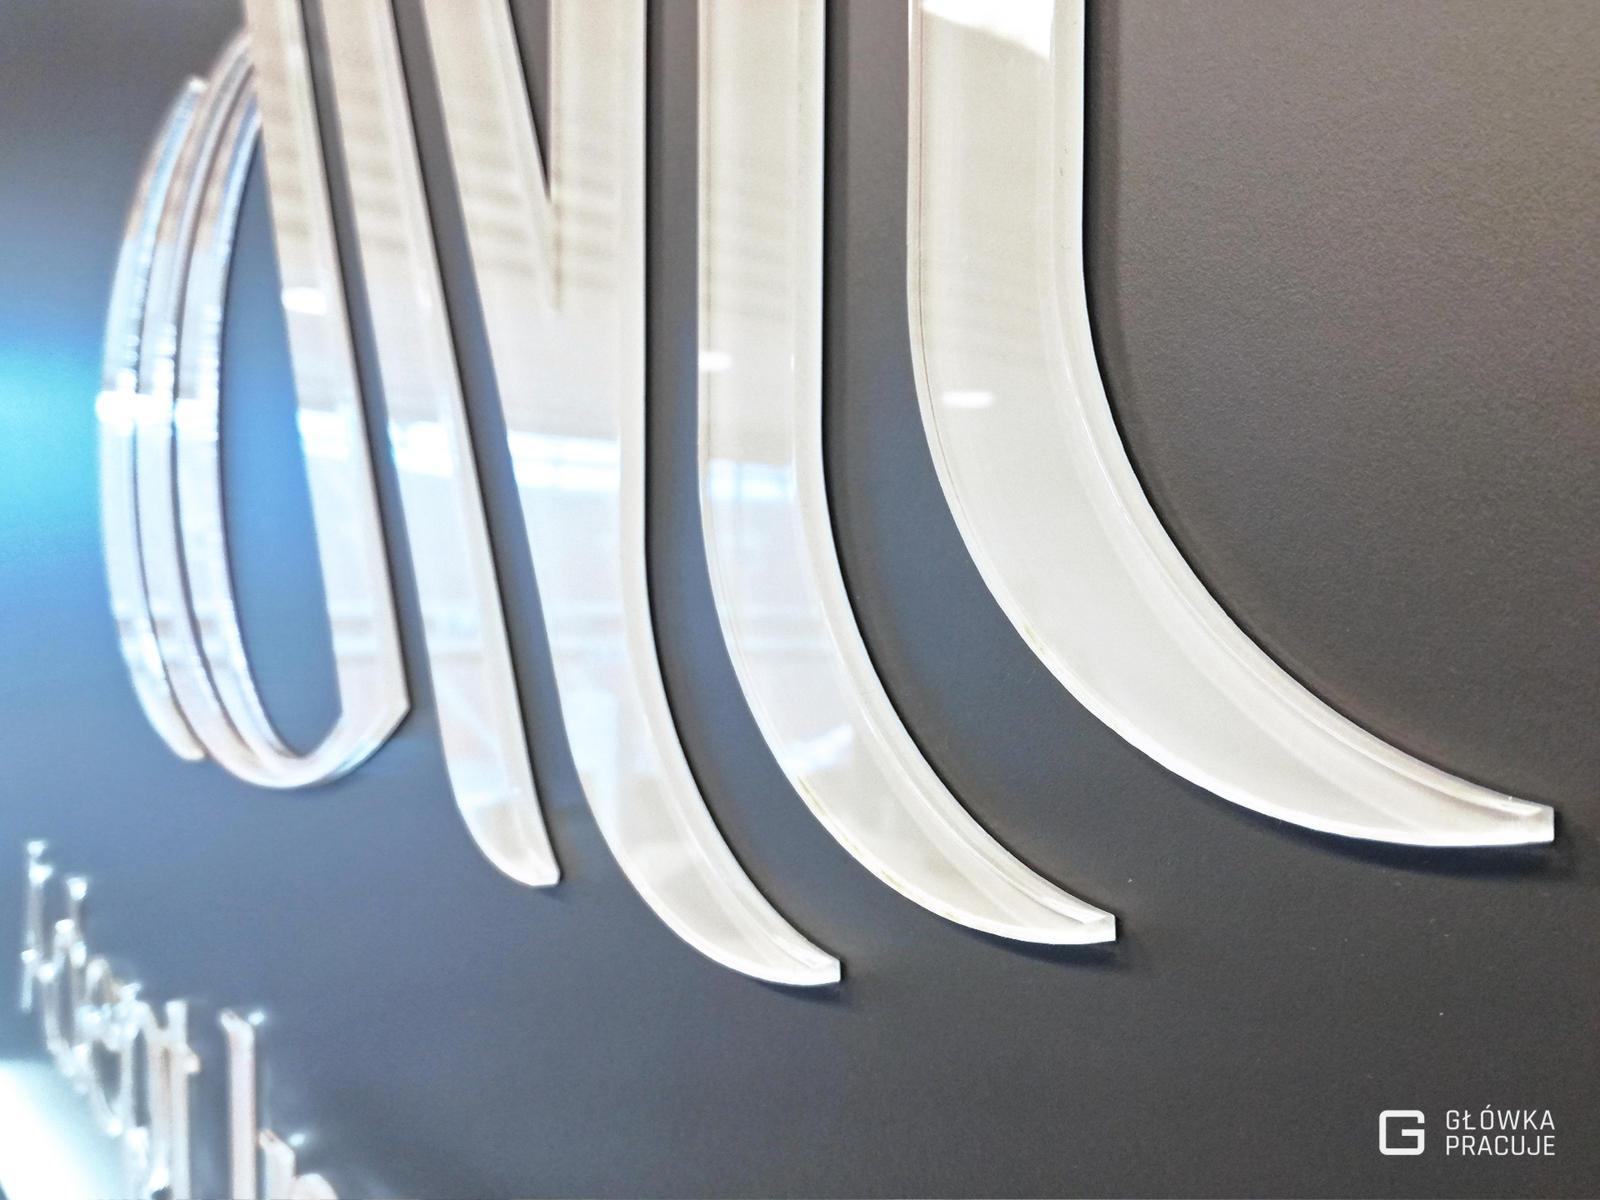 Główka Pracuje - logotyp 3D wycięty laserem z plexi bezbarwnej widok z bliska - Warszawa